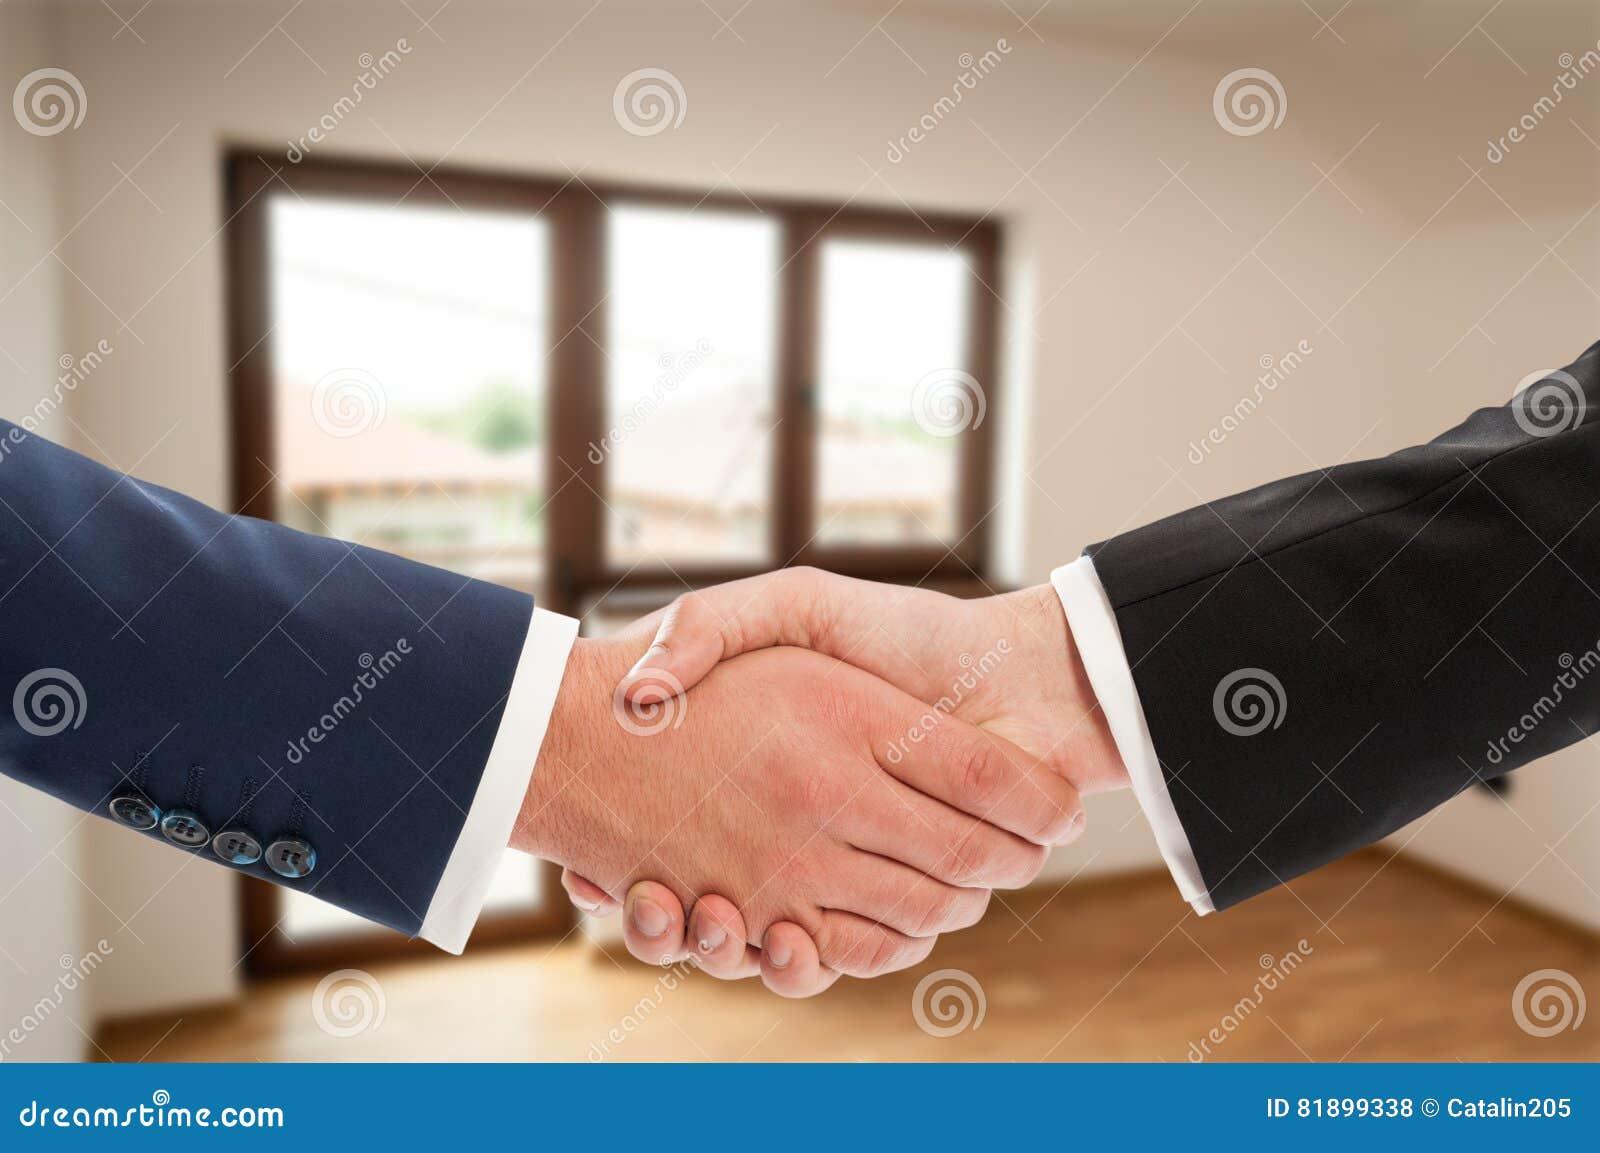 Zakończenie biznesowy uścisku dłoni gest